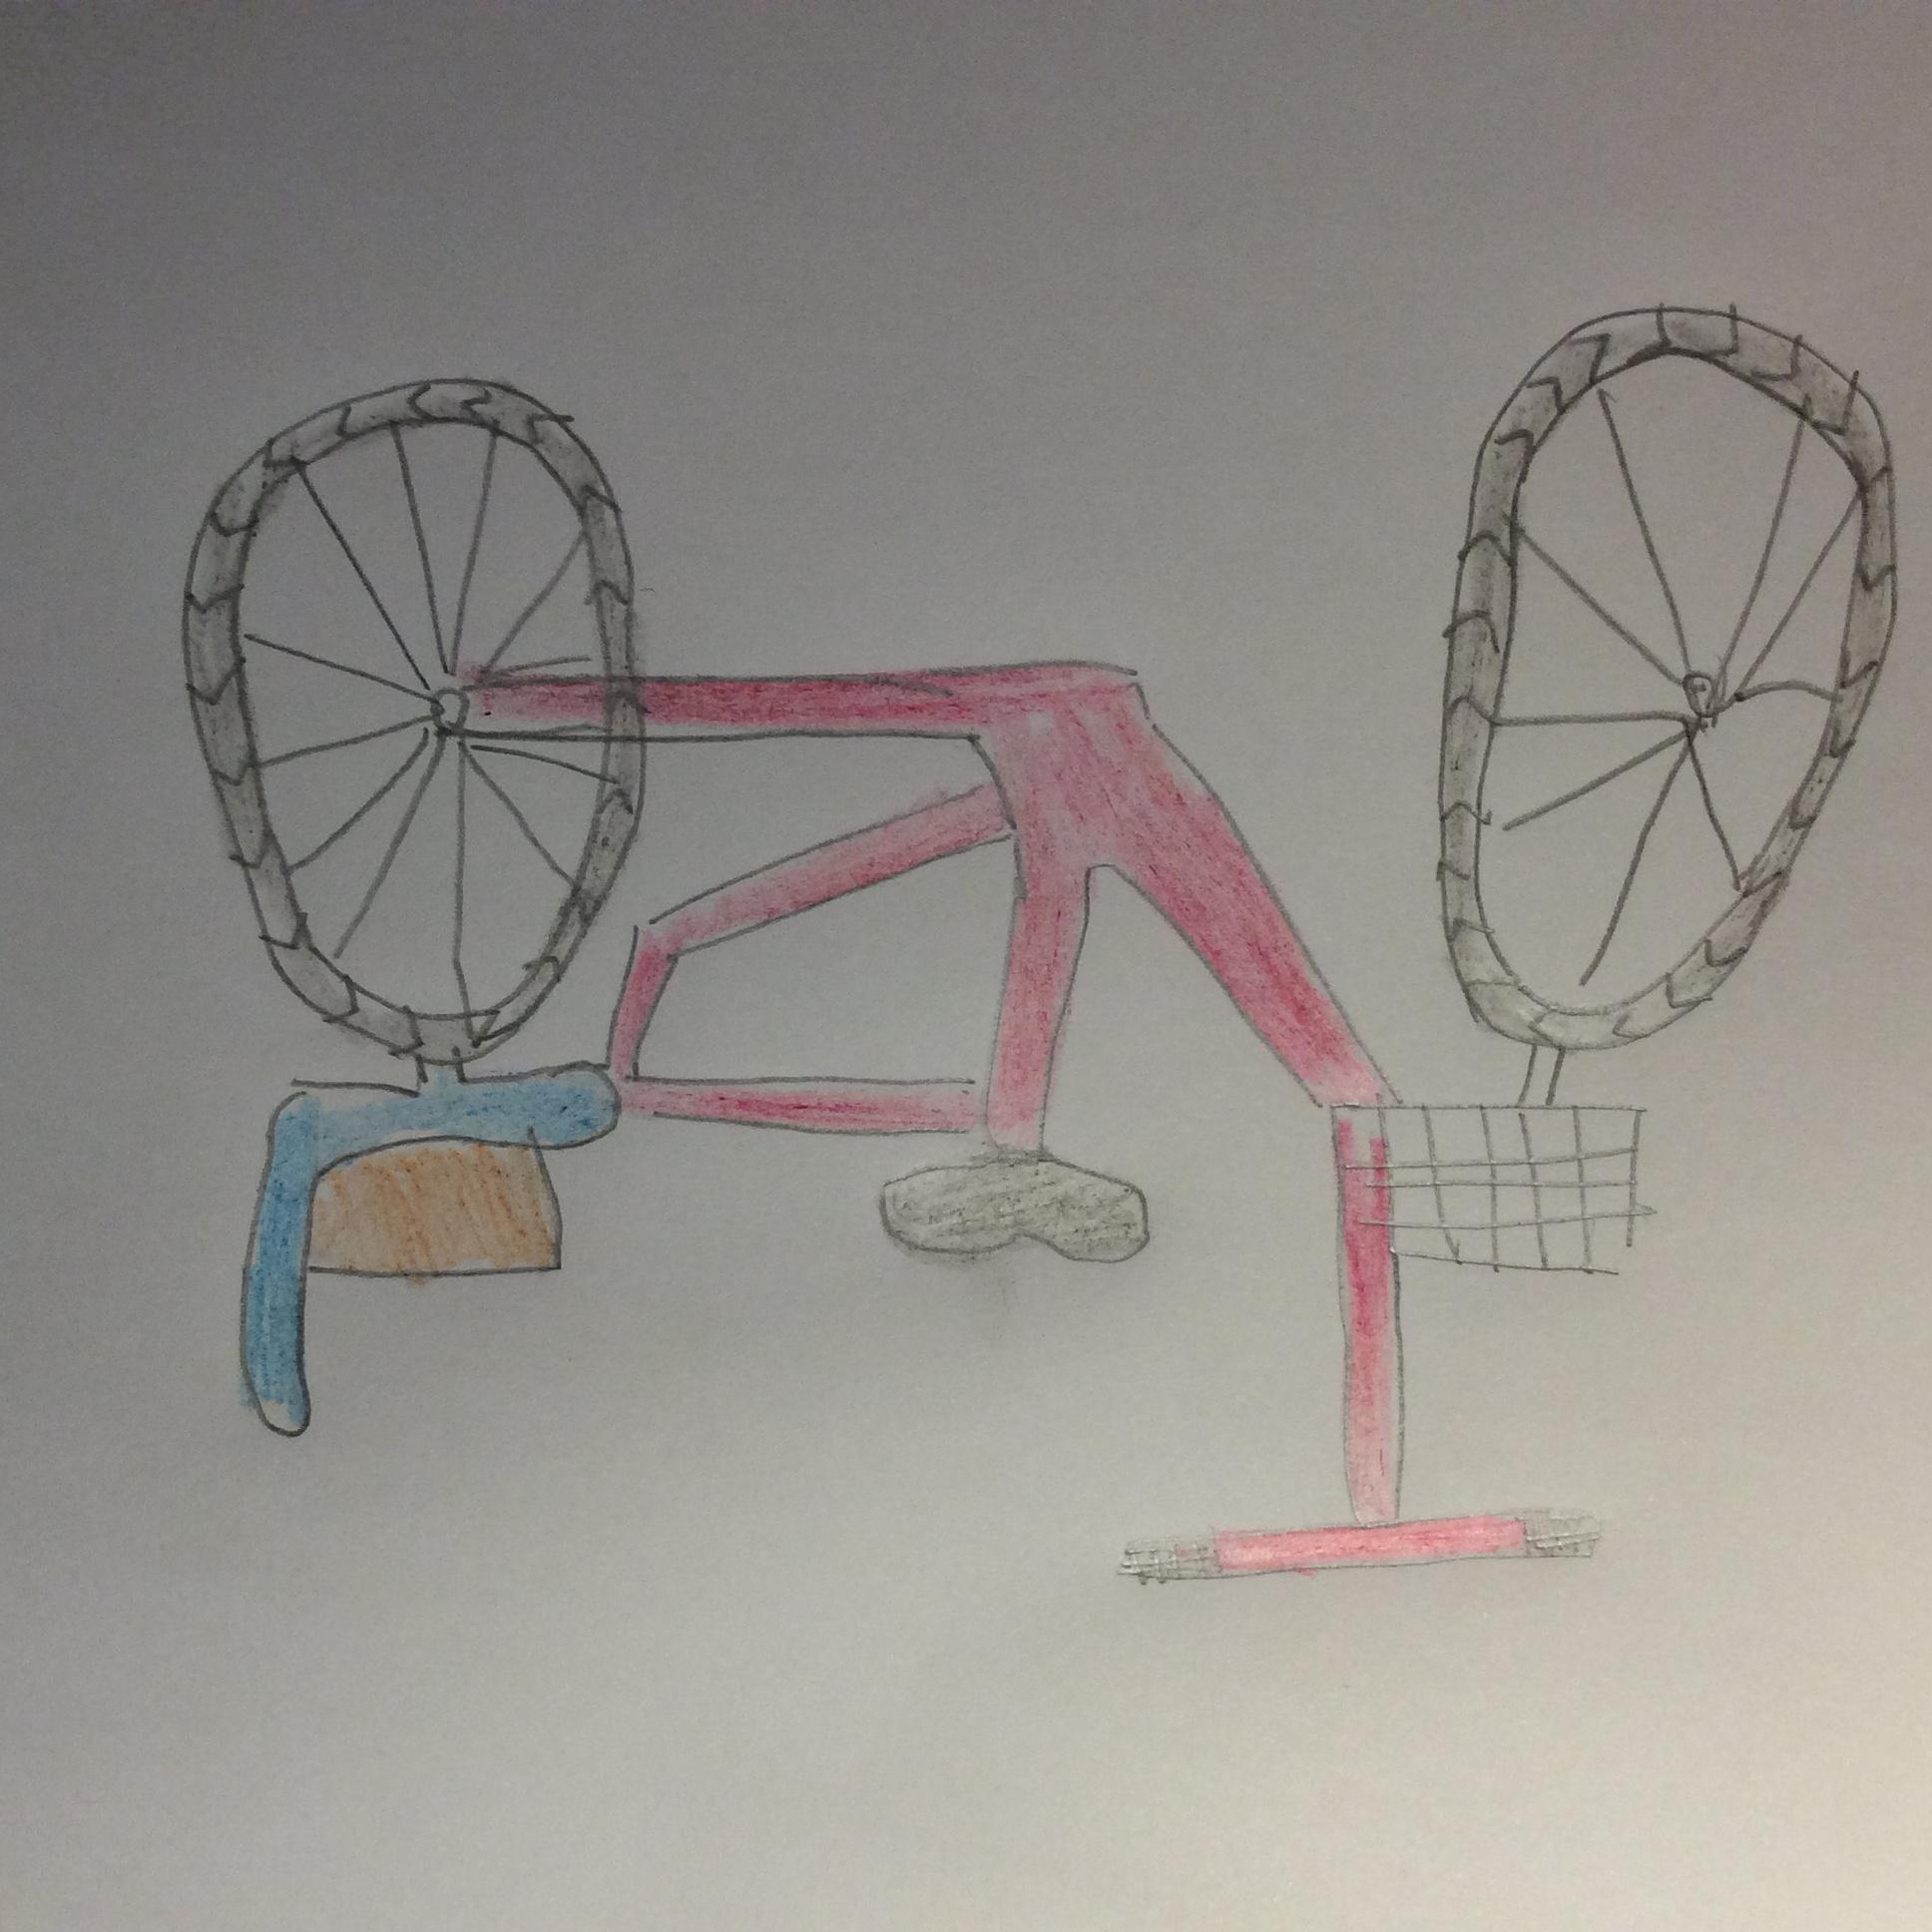 Hanno rubato la bici alla mia mamma